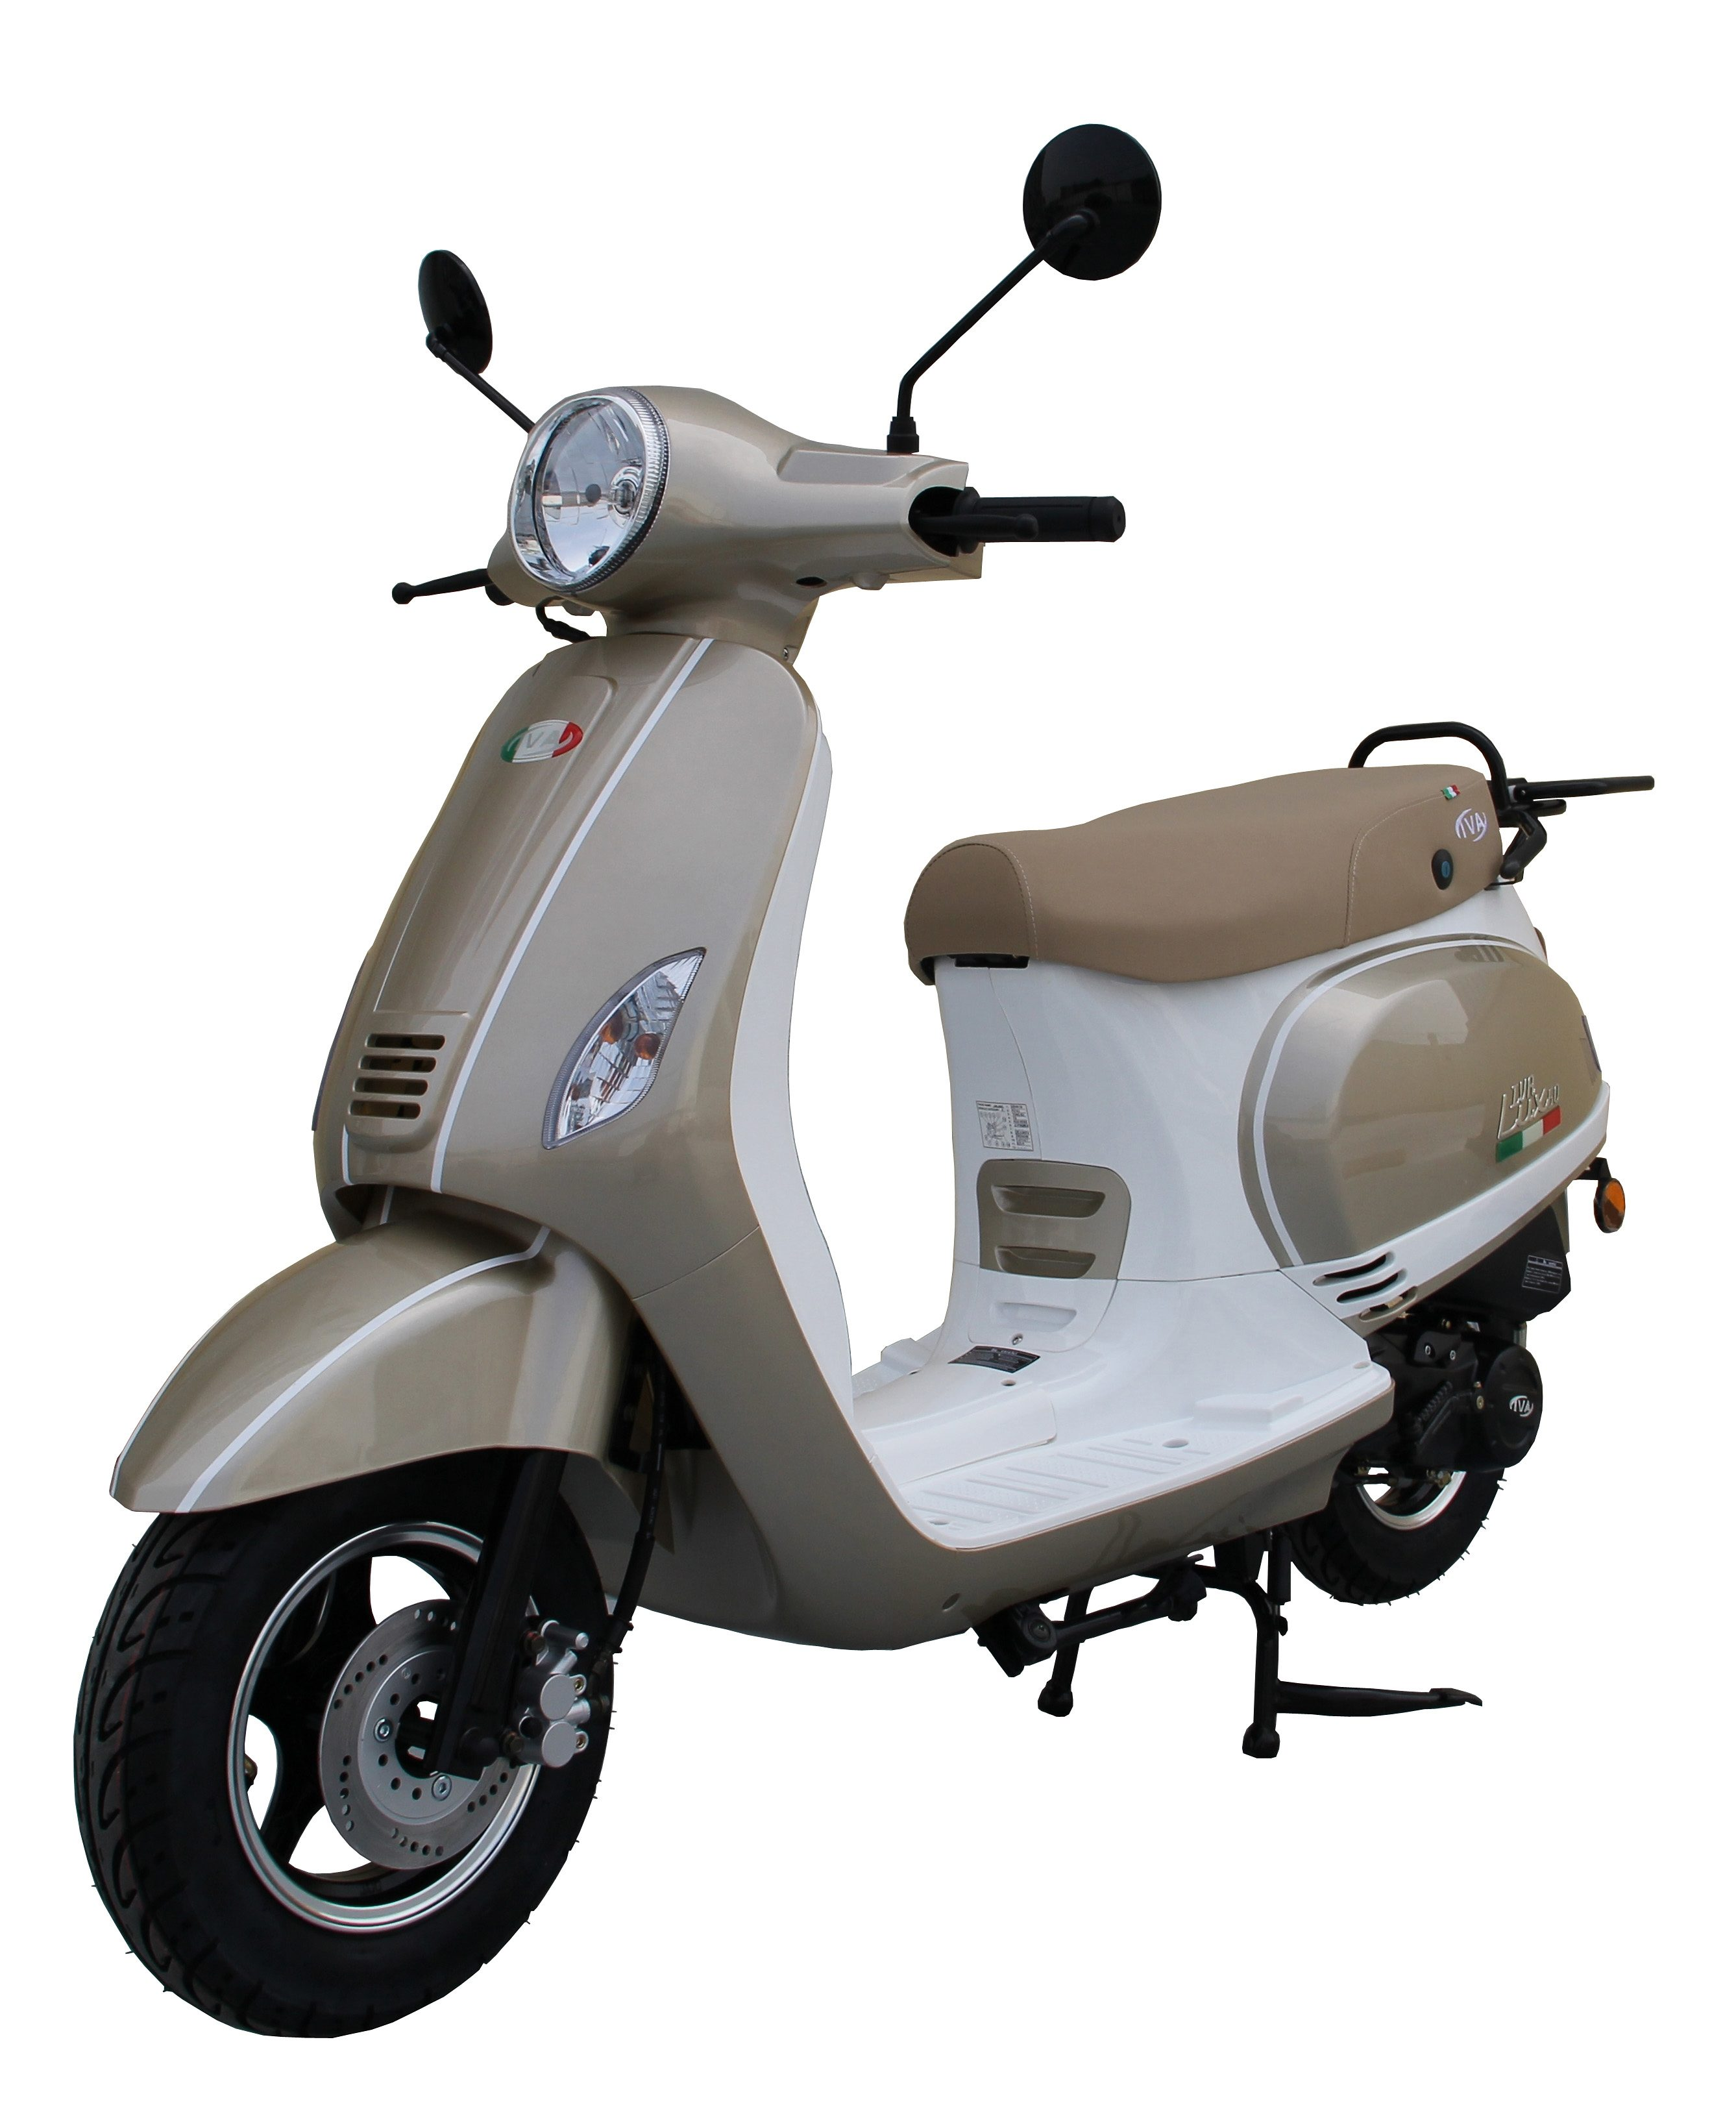 Mofaroller »LUX 50«, 50 ccm 25 km/h, für 1 Person, champagner/weiß